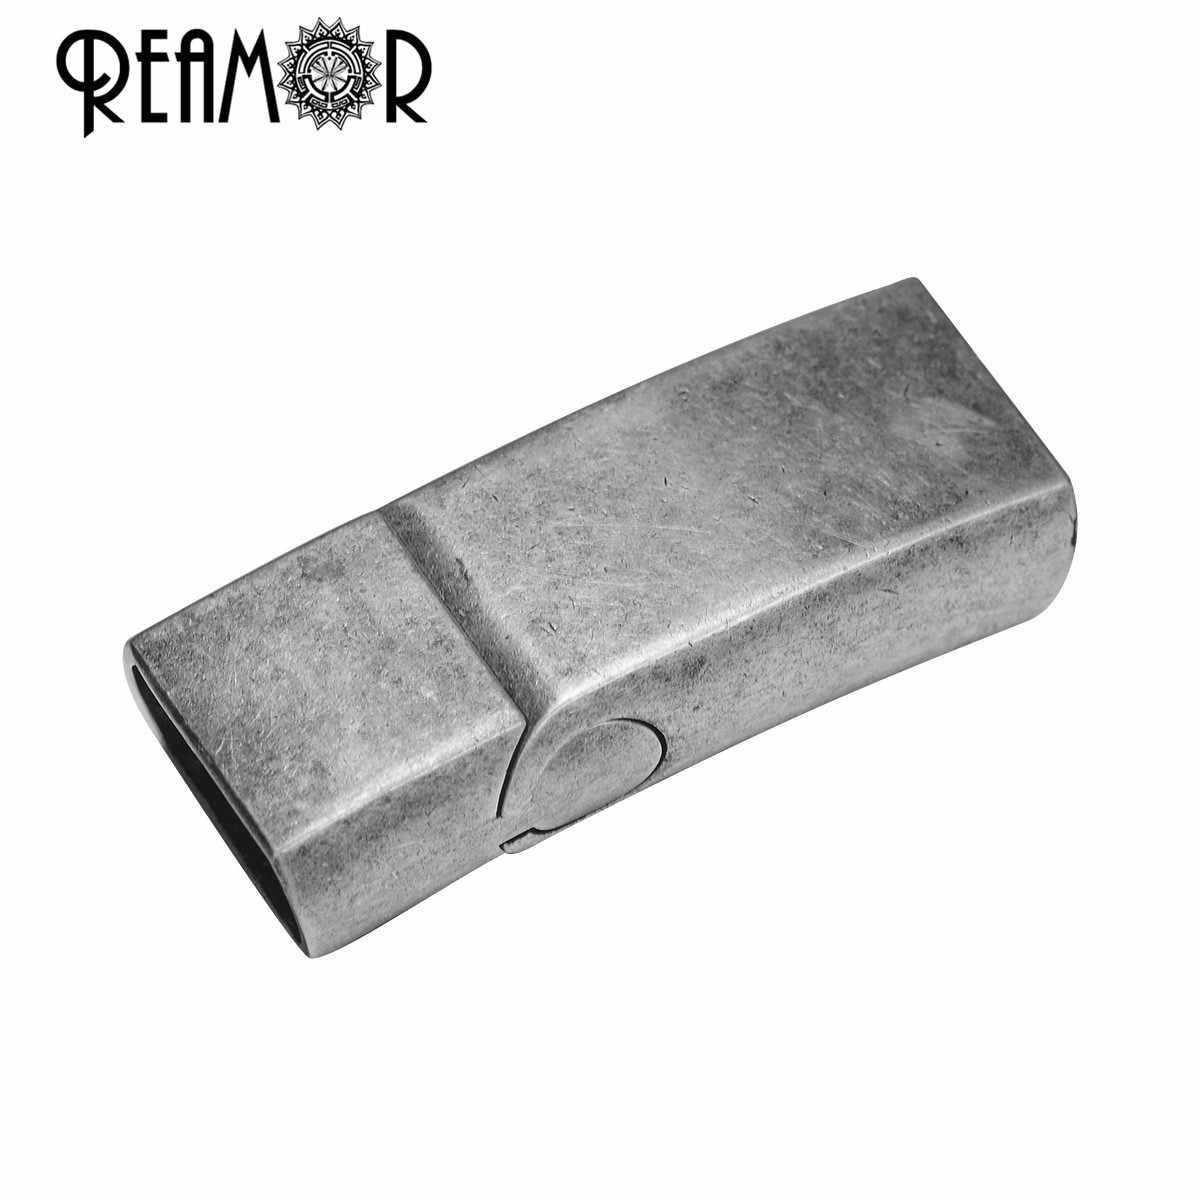 REAMOR 5 ชิ้น/ล็อต Retro 12*6 มม.สแตนเลส Clasp Magnetic สร้อยข้อมือสำหรับ DIY เครื่องประดับทำผลการค้นหา